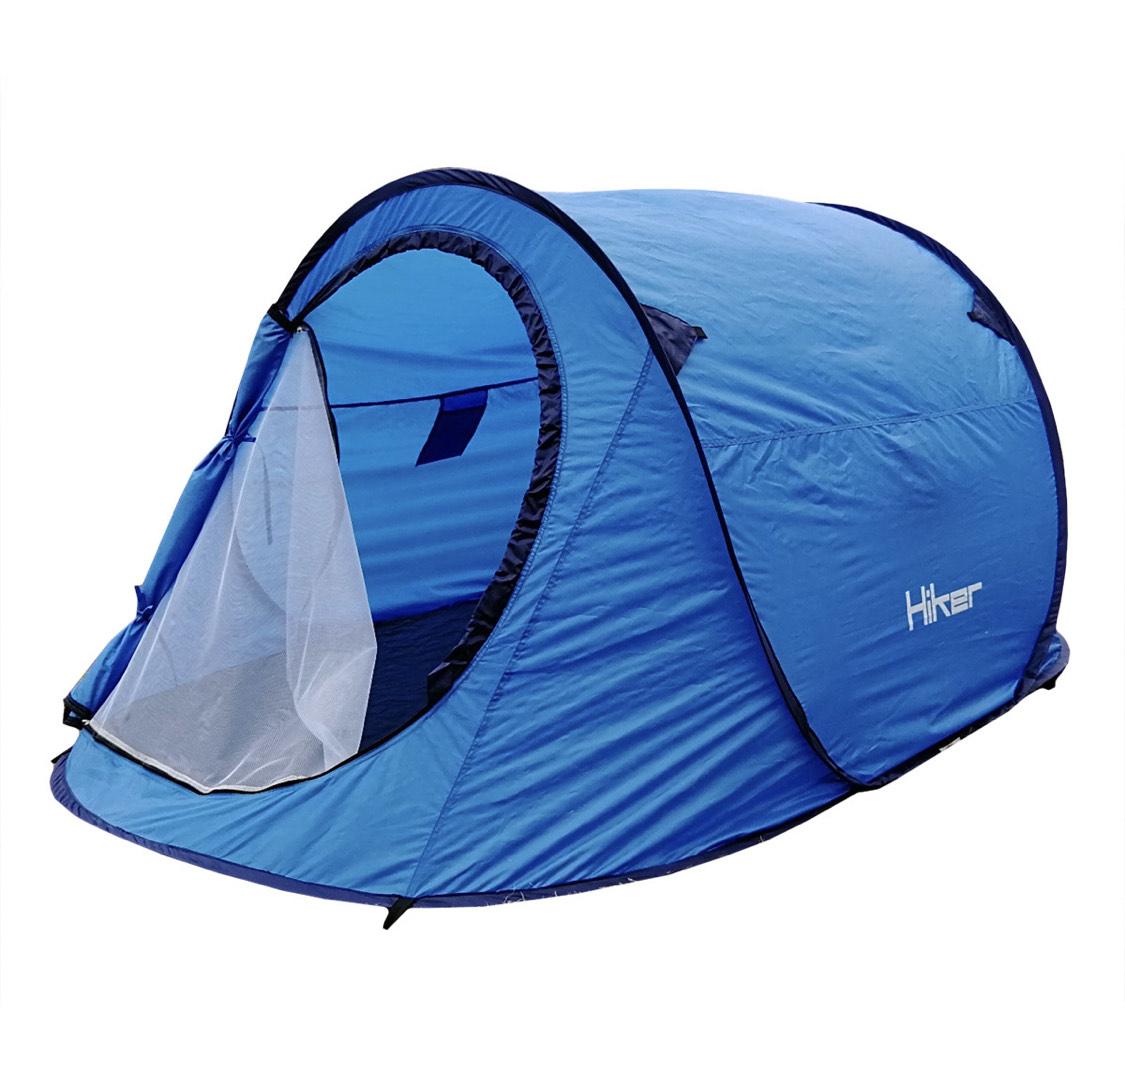 2persoons pop-up tent van Hiker